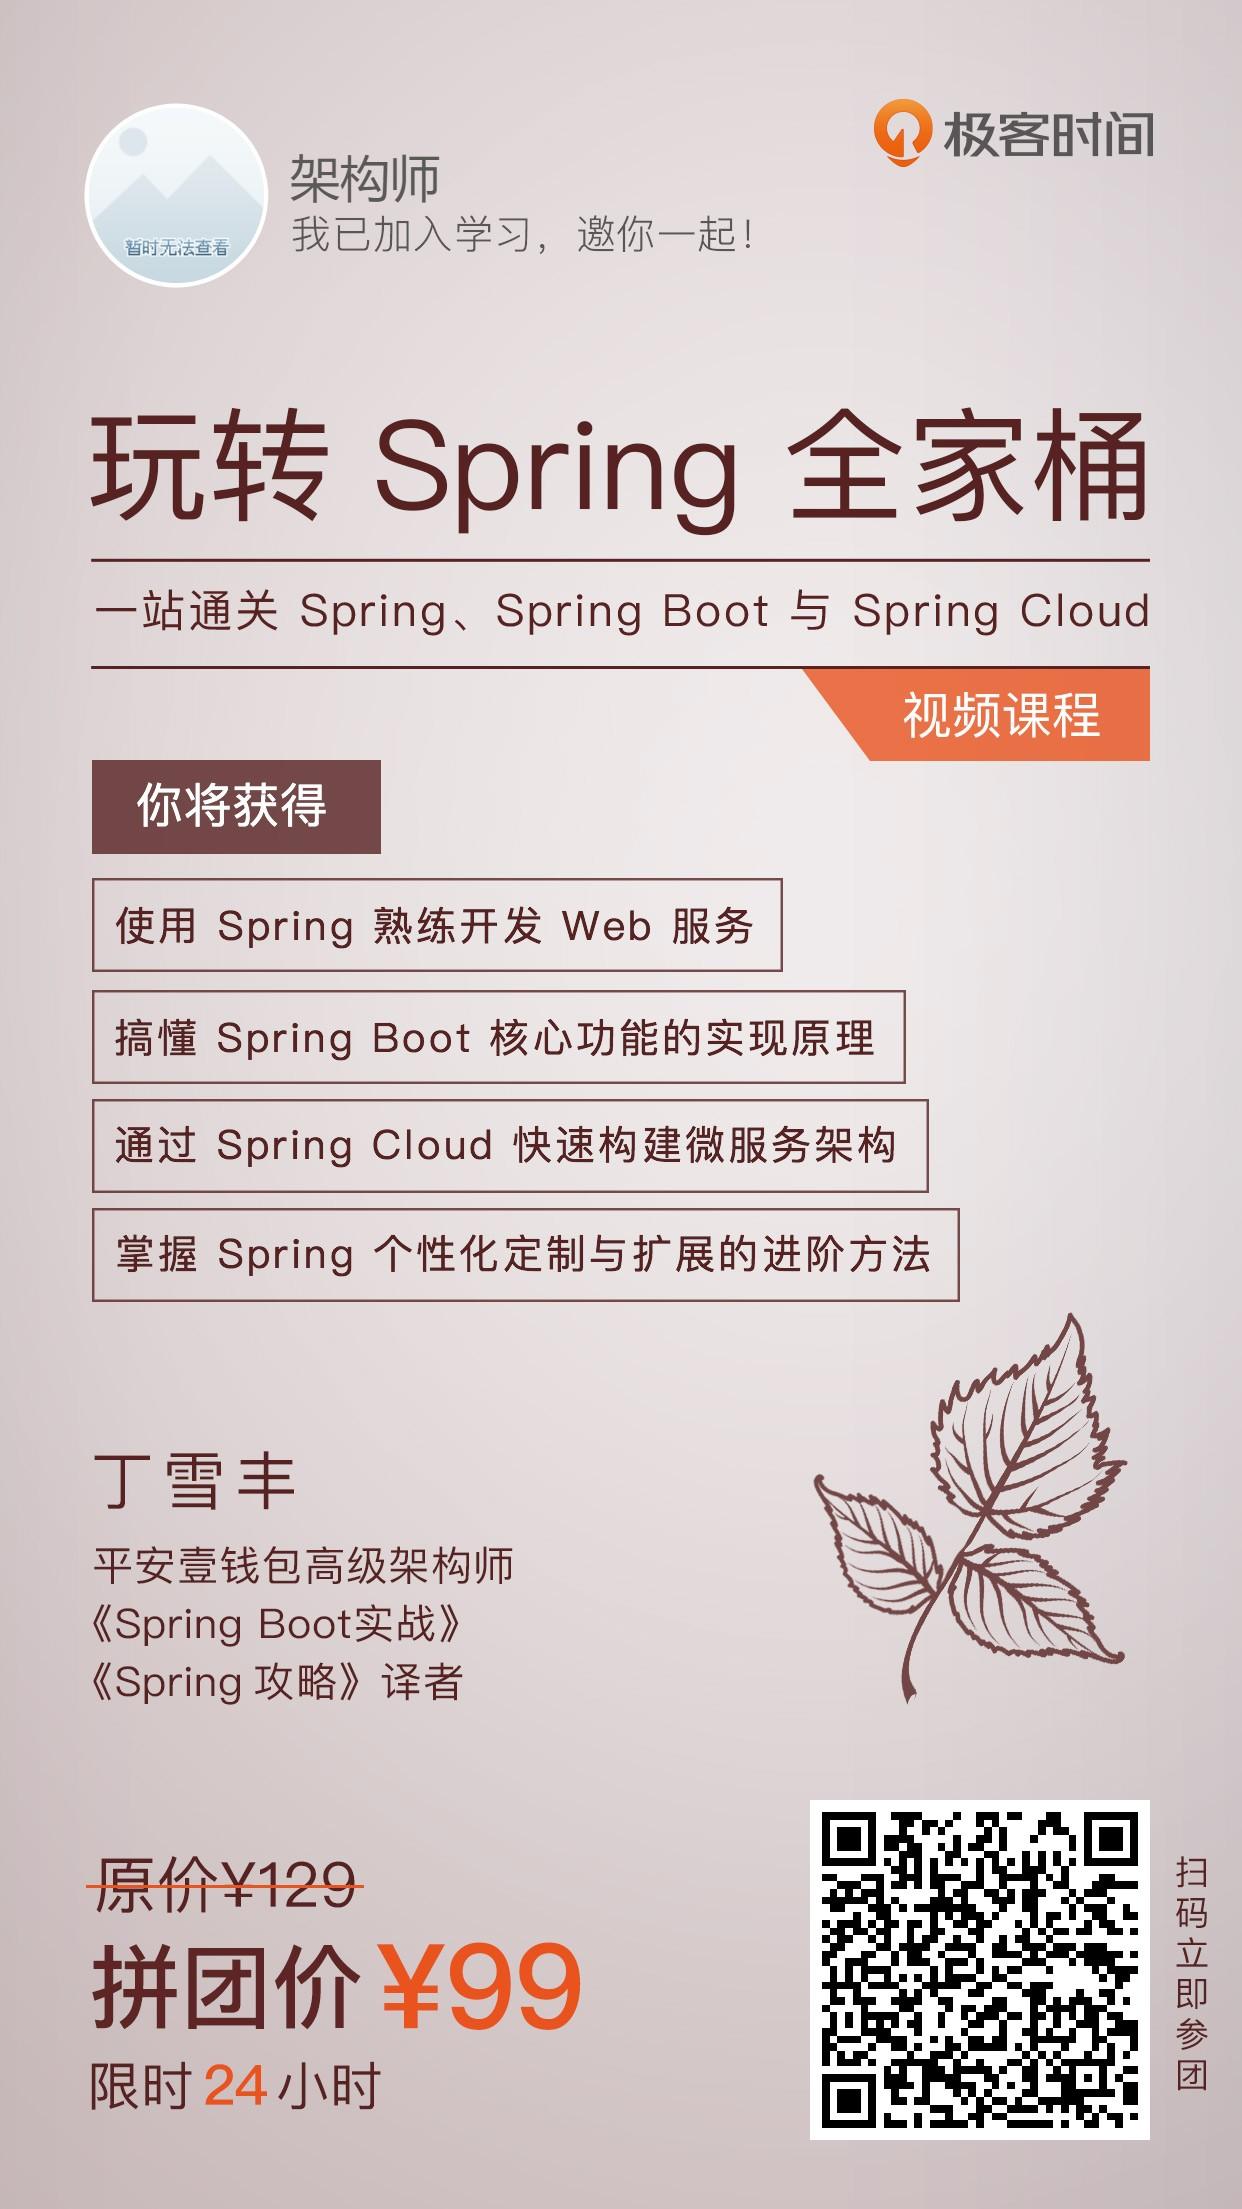 《玩转Spring全家桶》